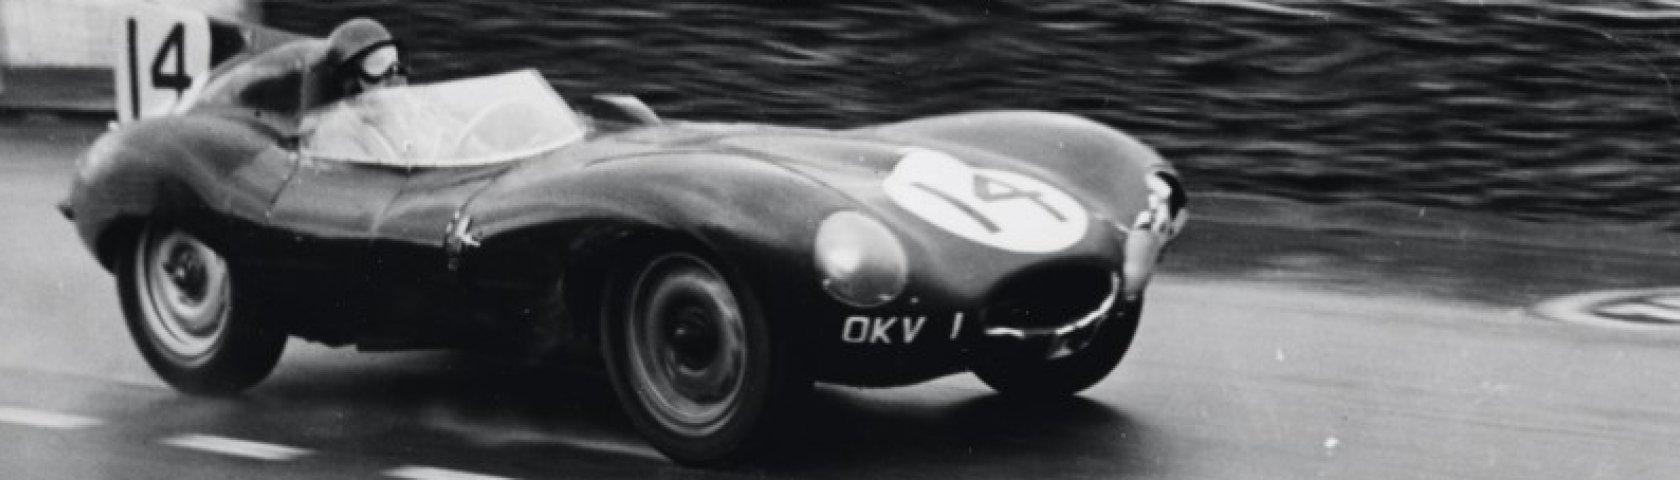 'OKV 1' -The second Jaguar D-Type:… | Jaguar Enthusiasts' Club